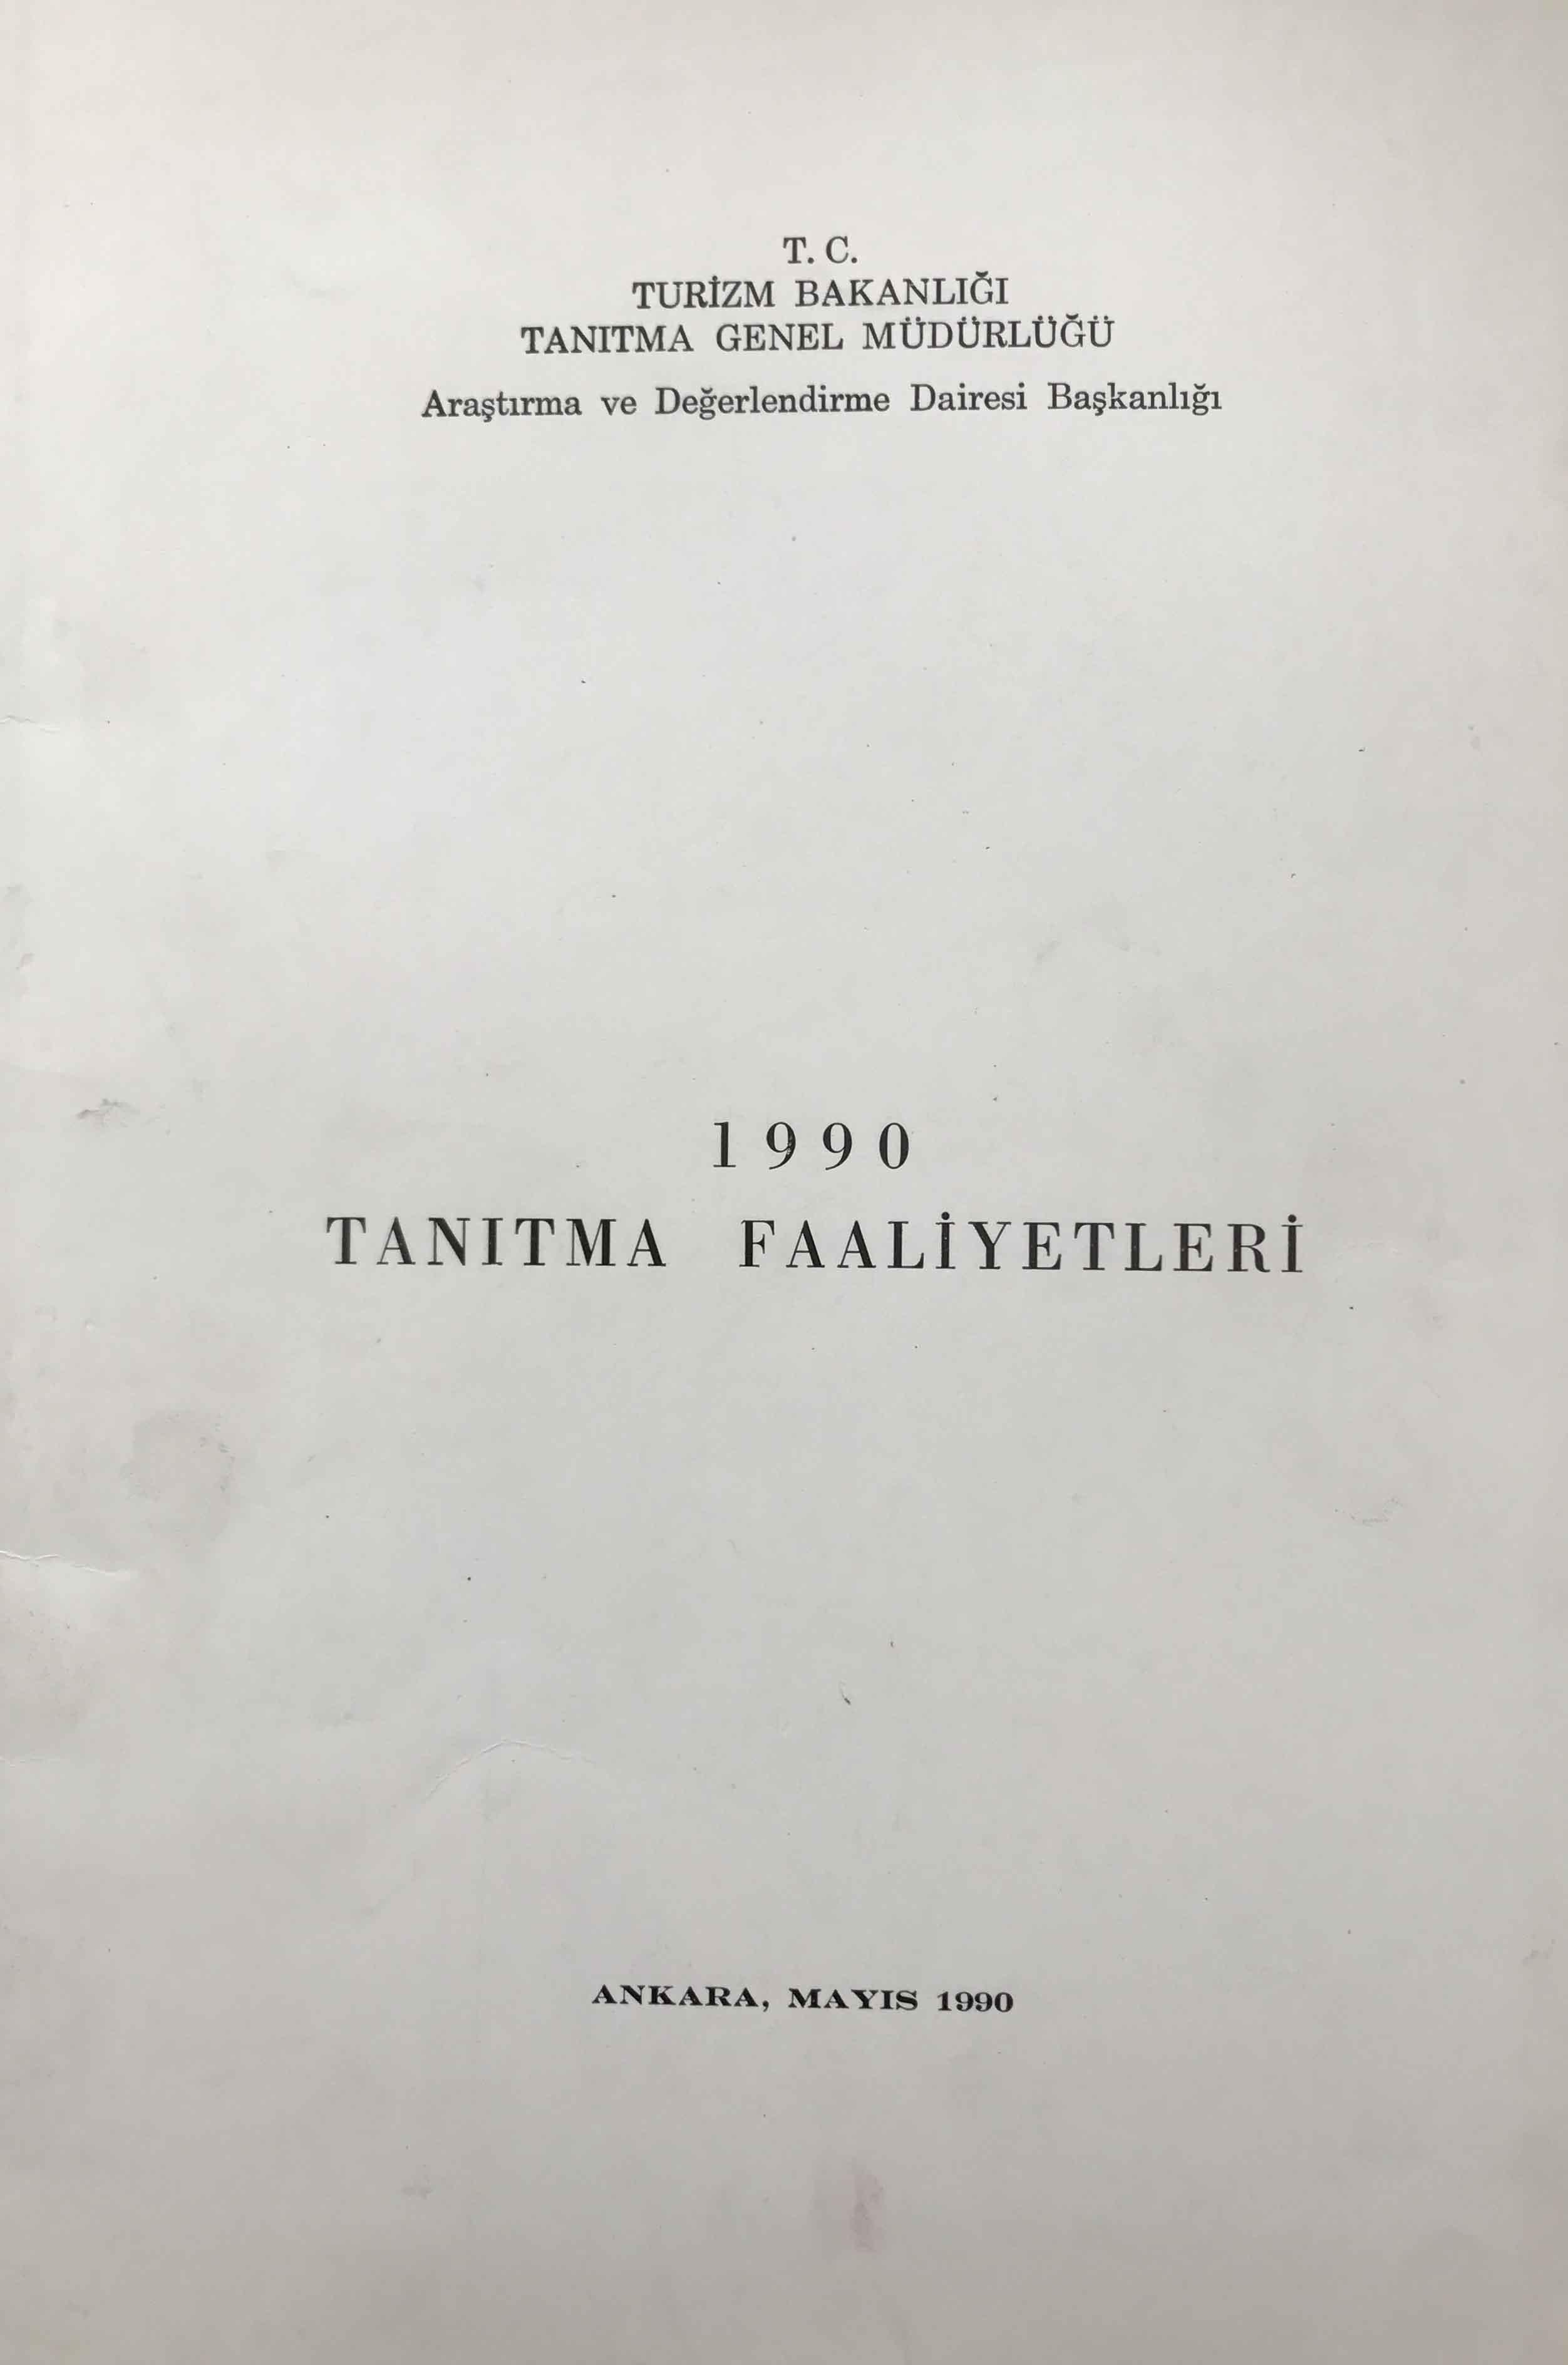 1990 Tanıtma Faaliyetleri Kitap Kapağı